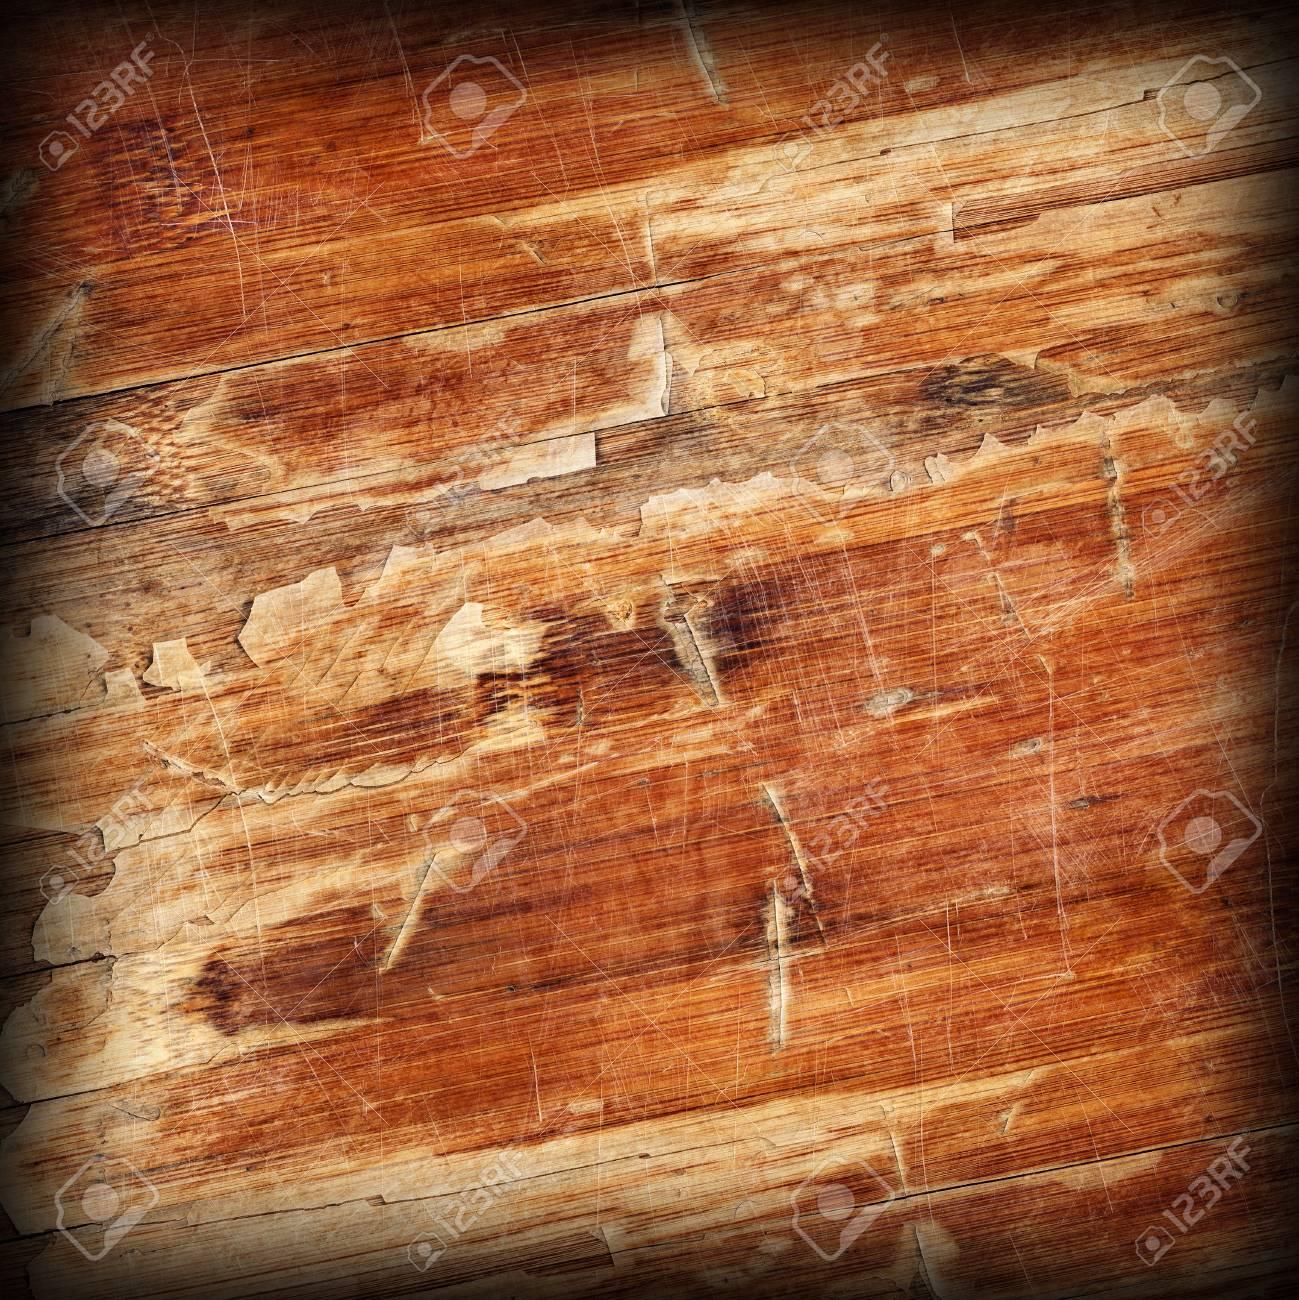 panneau lamine verni vieux de panneau stratifie par bois vieilli de stratifie fissure raye pele vignette grunge texture banque d images et photos libres de droits image 51649784